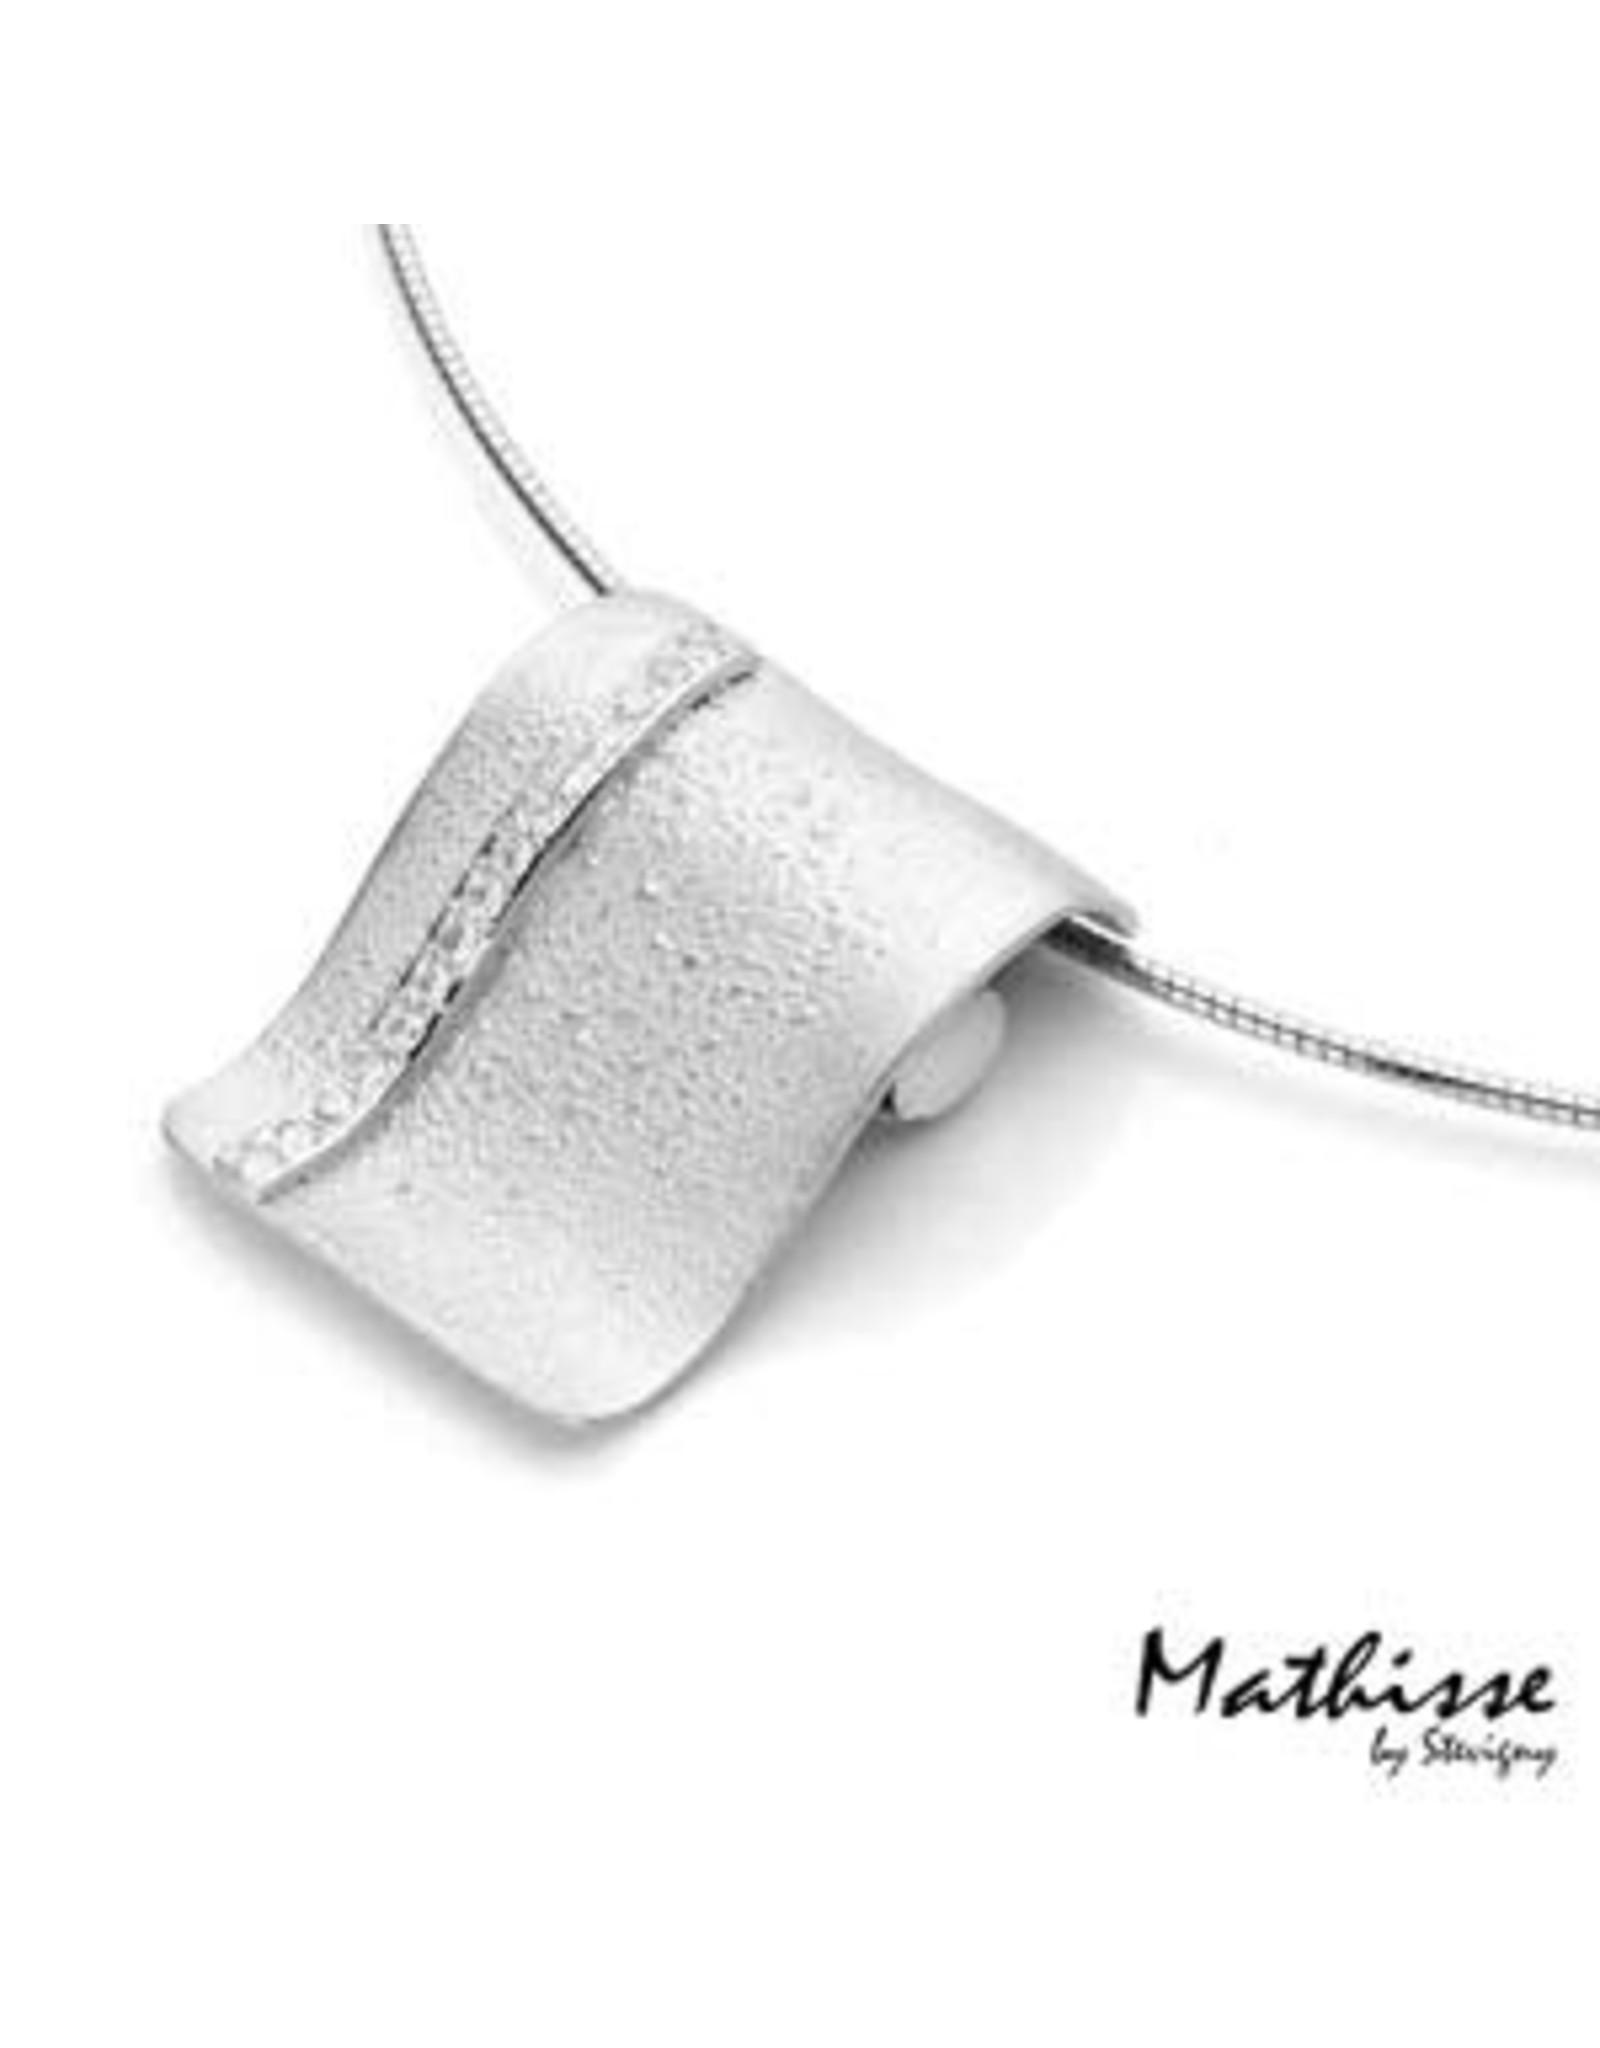 Mathisse by Stevigny Hanger Mathisse by Stevigny  Asjuweel Zilver C02